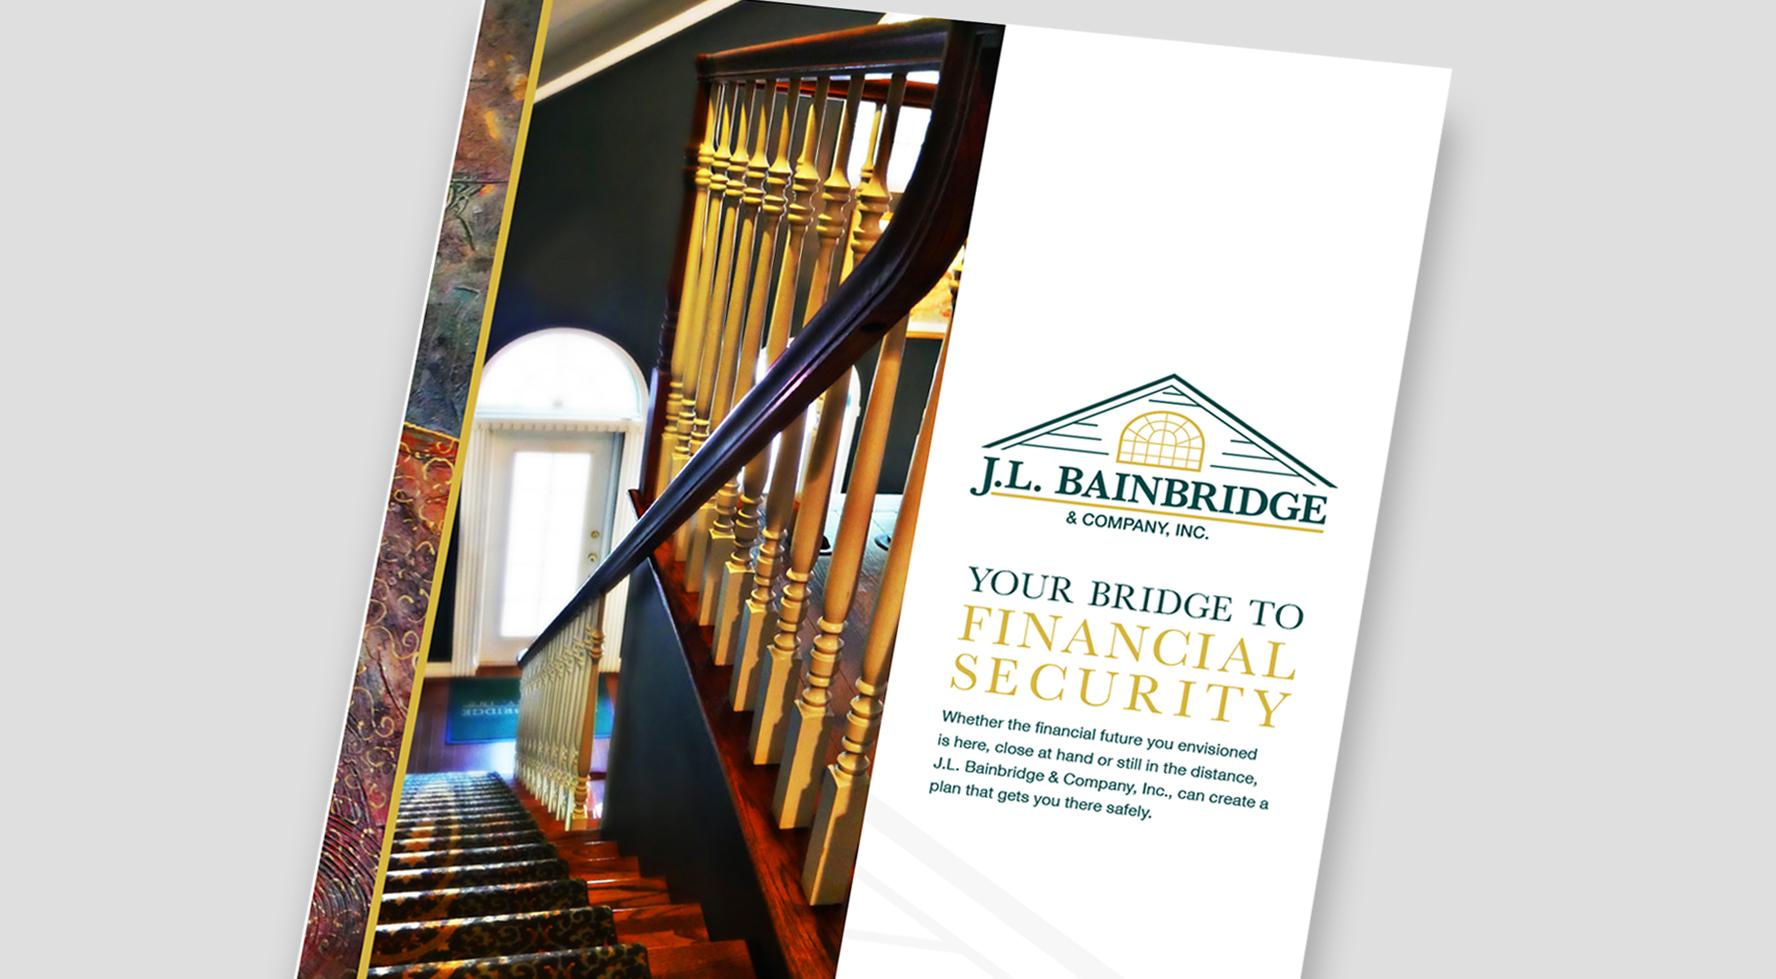 JL Bainbridge